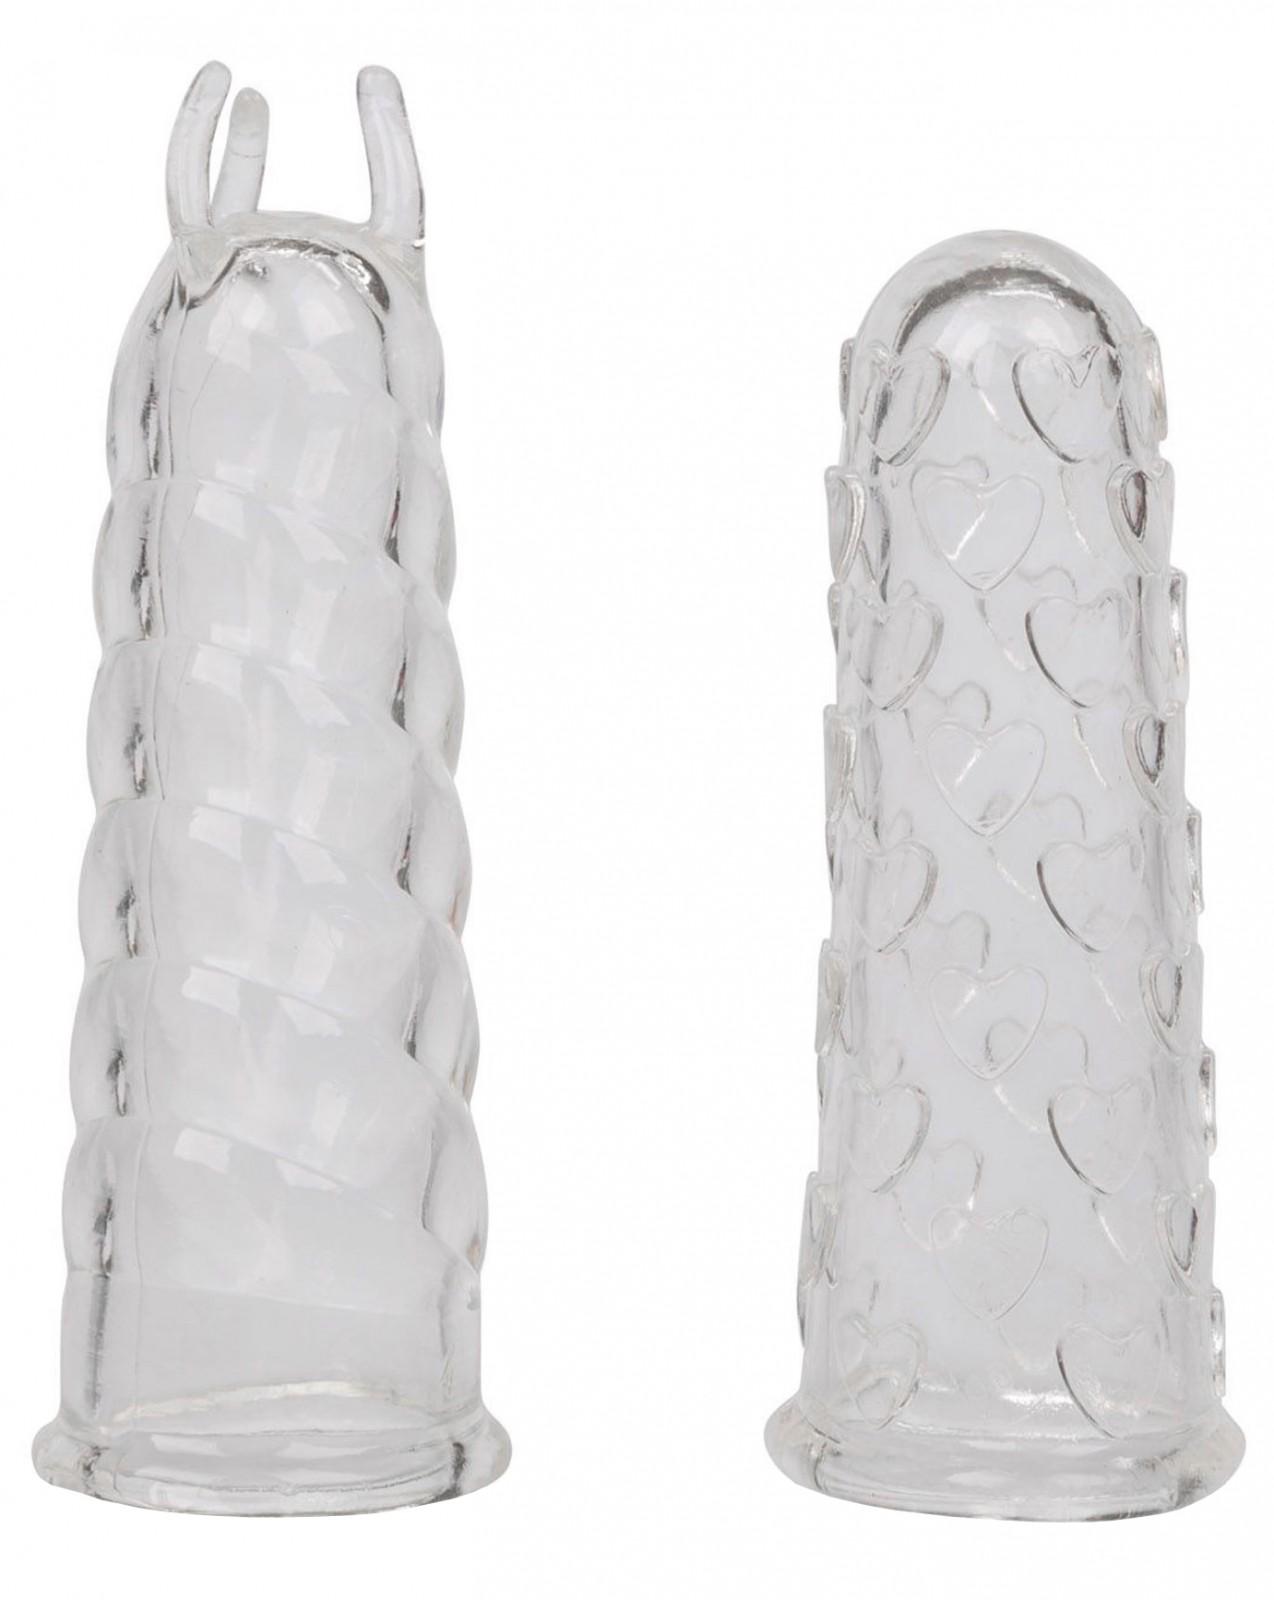 Stimulační návleky na prsty Finger Teaser - 2 ks